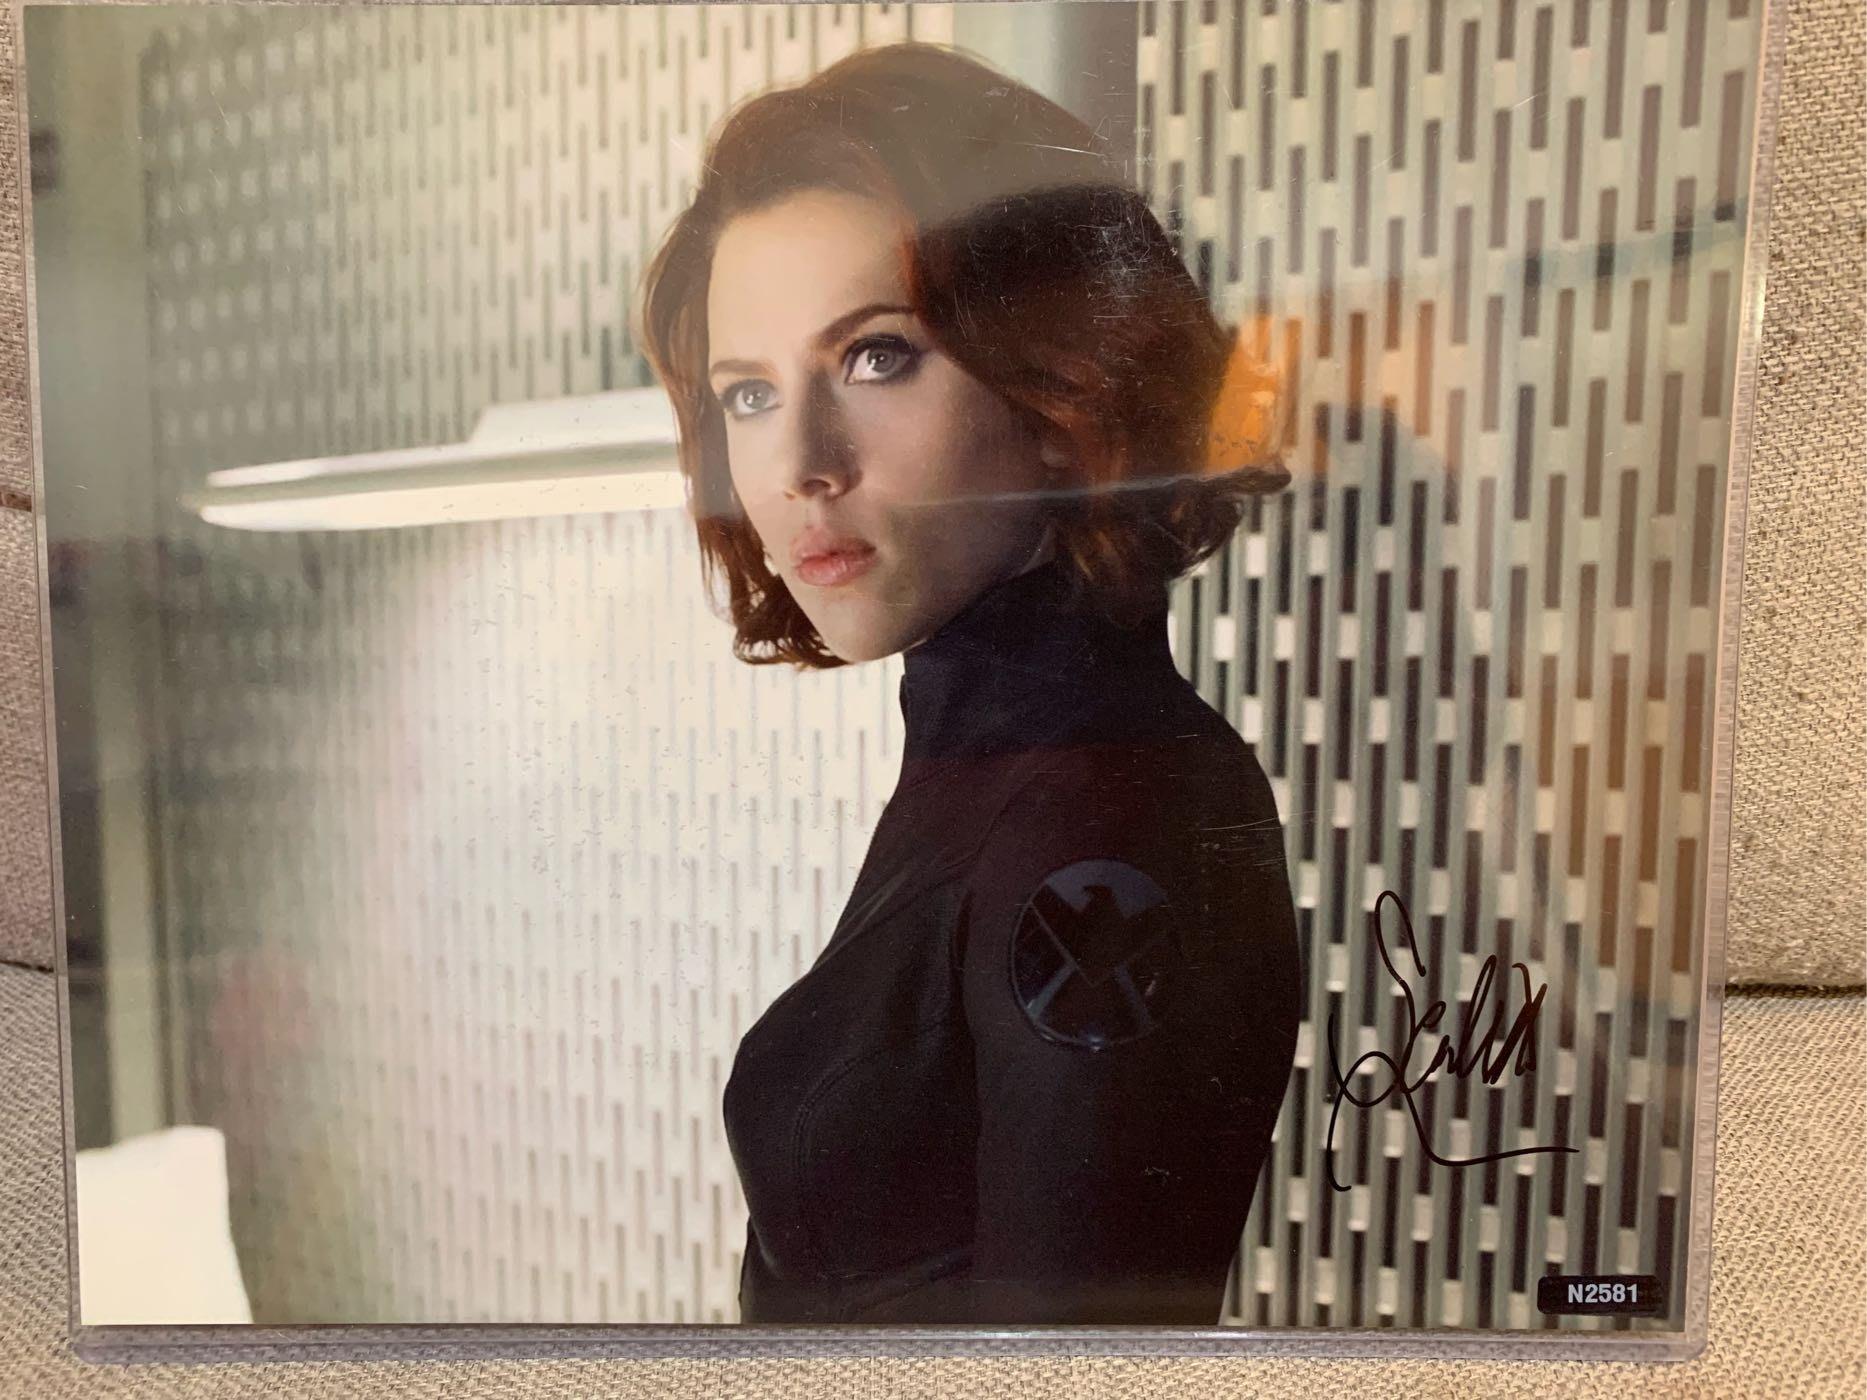 漫威 MARVEL 復仇者聯盟 終局之戰 黑寡婦 史嘉蕾·喬韓森 Scarlett Johansson 親筆簽名照 8x10  iron man